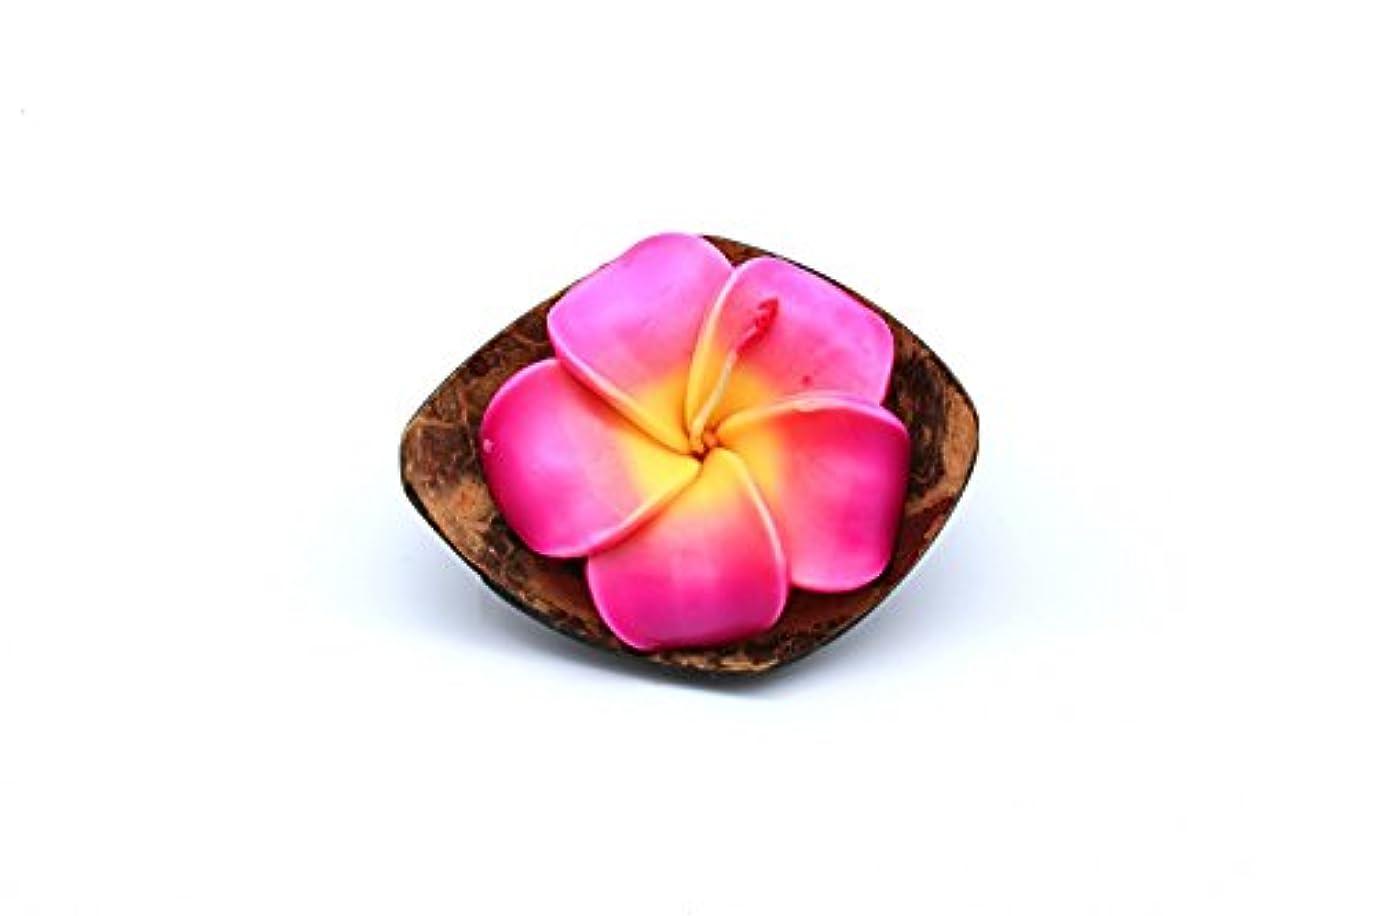 国家手足あなたのものハワイのルアウパーティーリアルココナッツクォーターシェルキャンドルホルダー花プルメイラローズ香りのキャンドルピンク